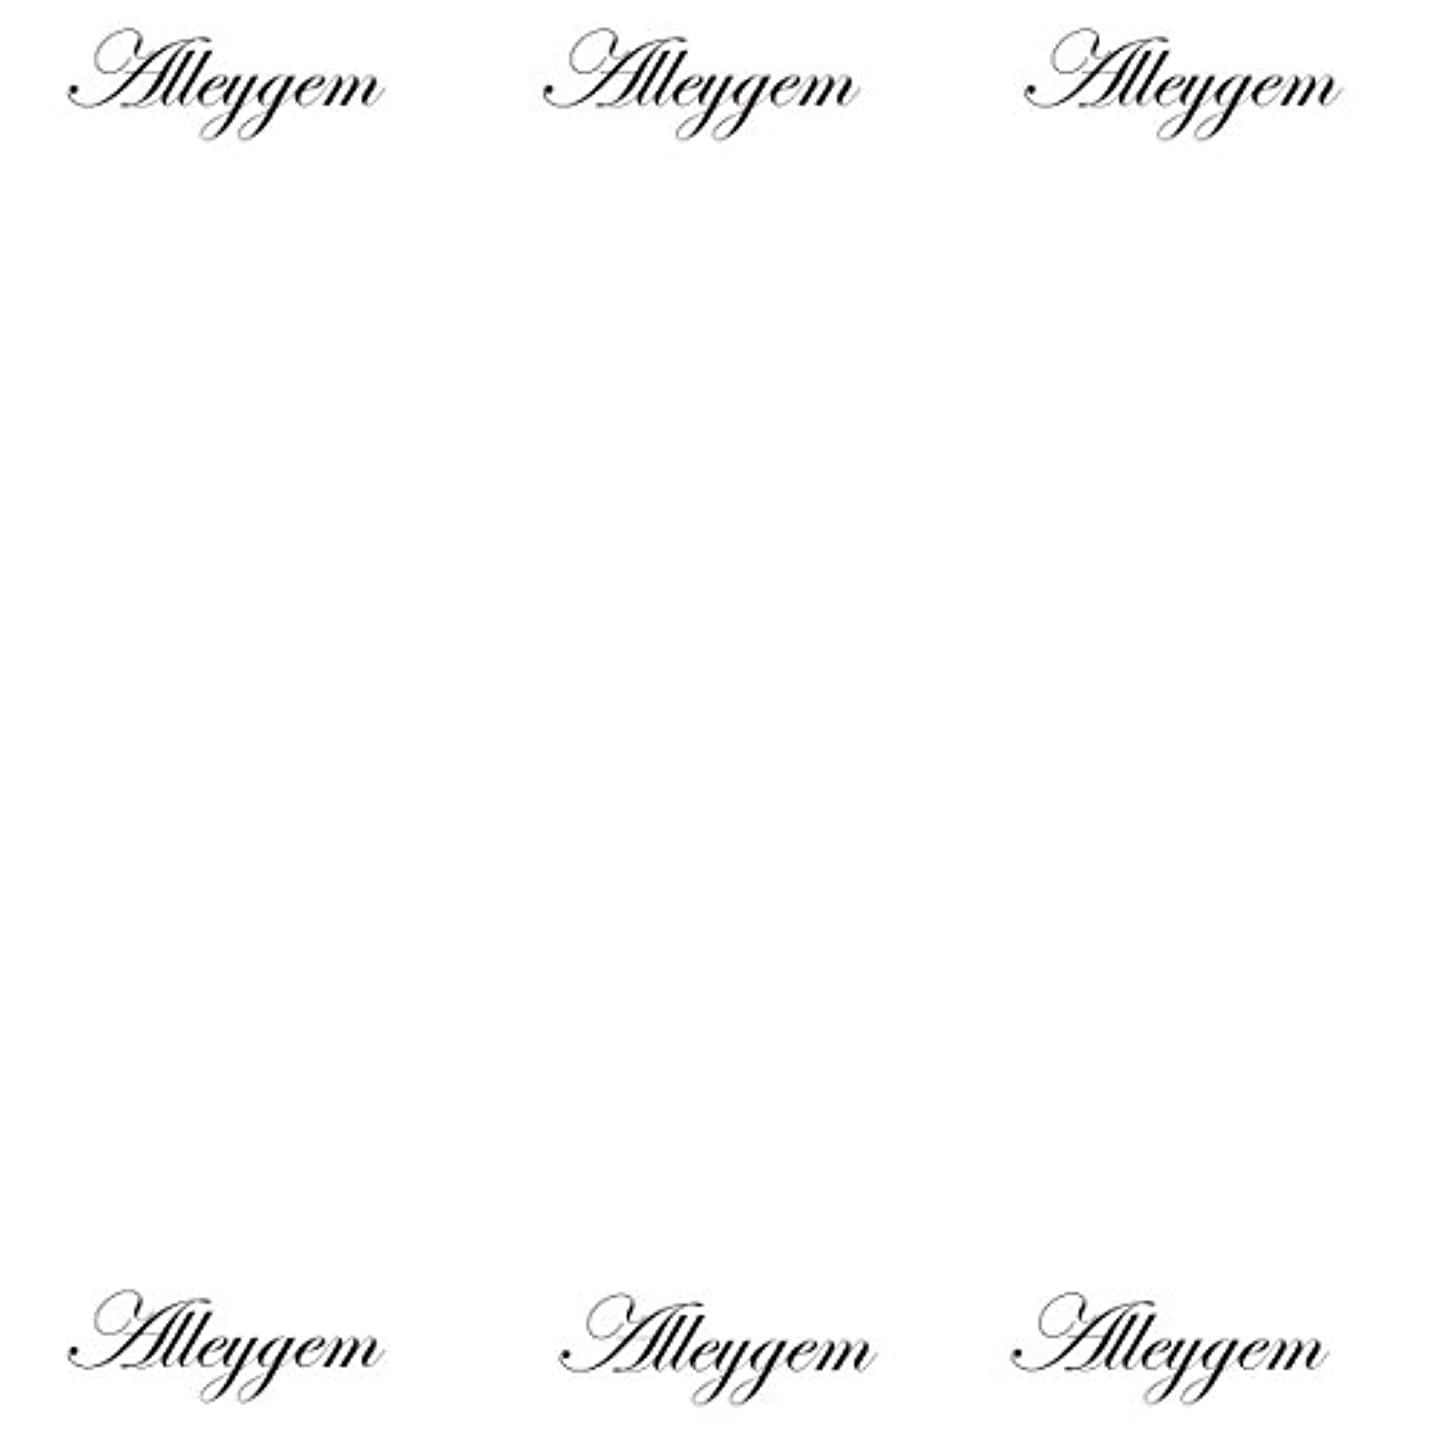 オフ困難ブルジョンAlleygem x Myufull オーガニック ローション ROSE EX つめかえ 容器 携帯 ボトル エステサロン優待券付(myufull銀座店) MF-ROSE-EX-Btl